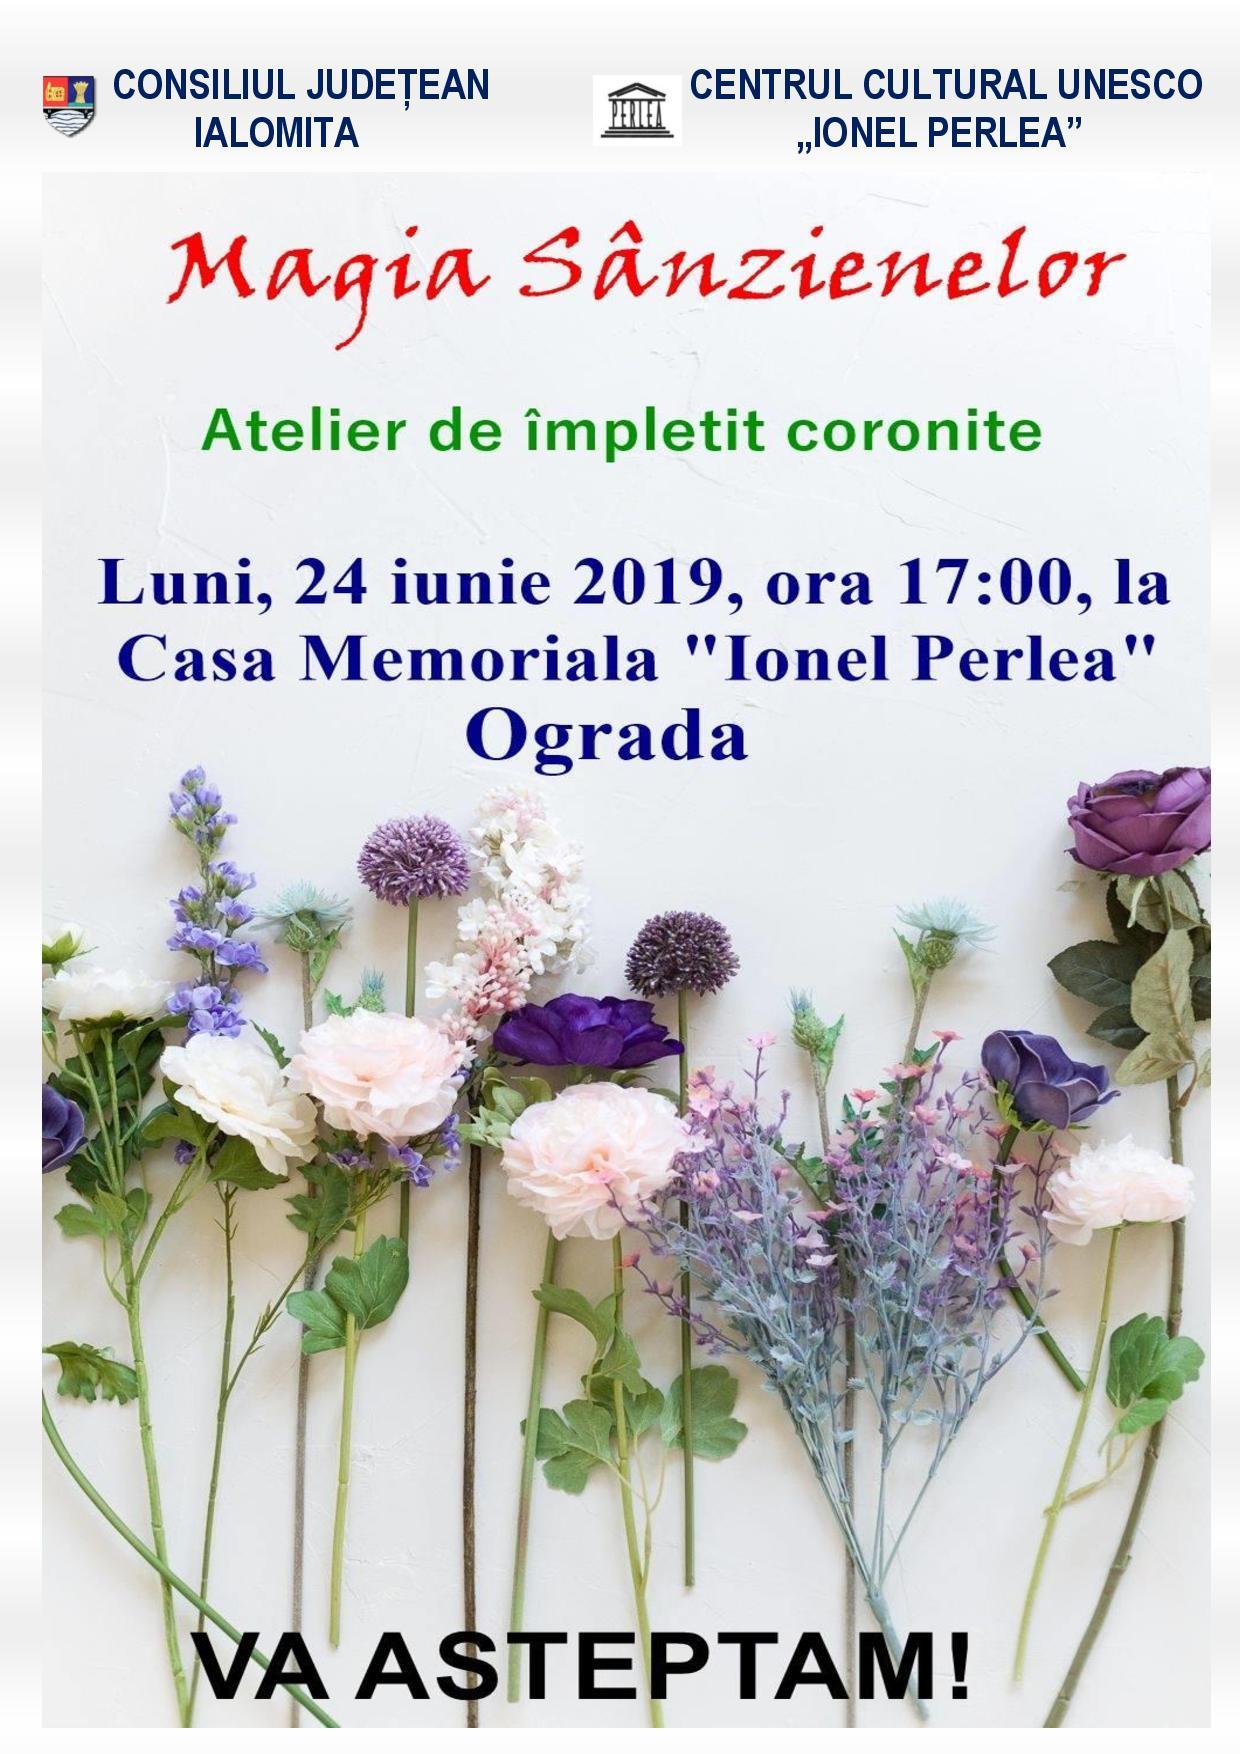 """Atelier de împletit coronițe,  24 iunie 2019, ora 17.00, Casa Meomrială ,,Ionel Perlea"""" Ograda"""